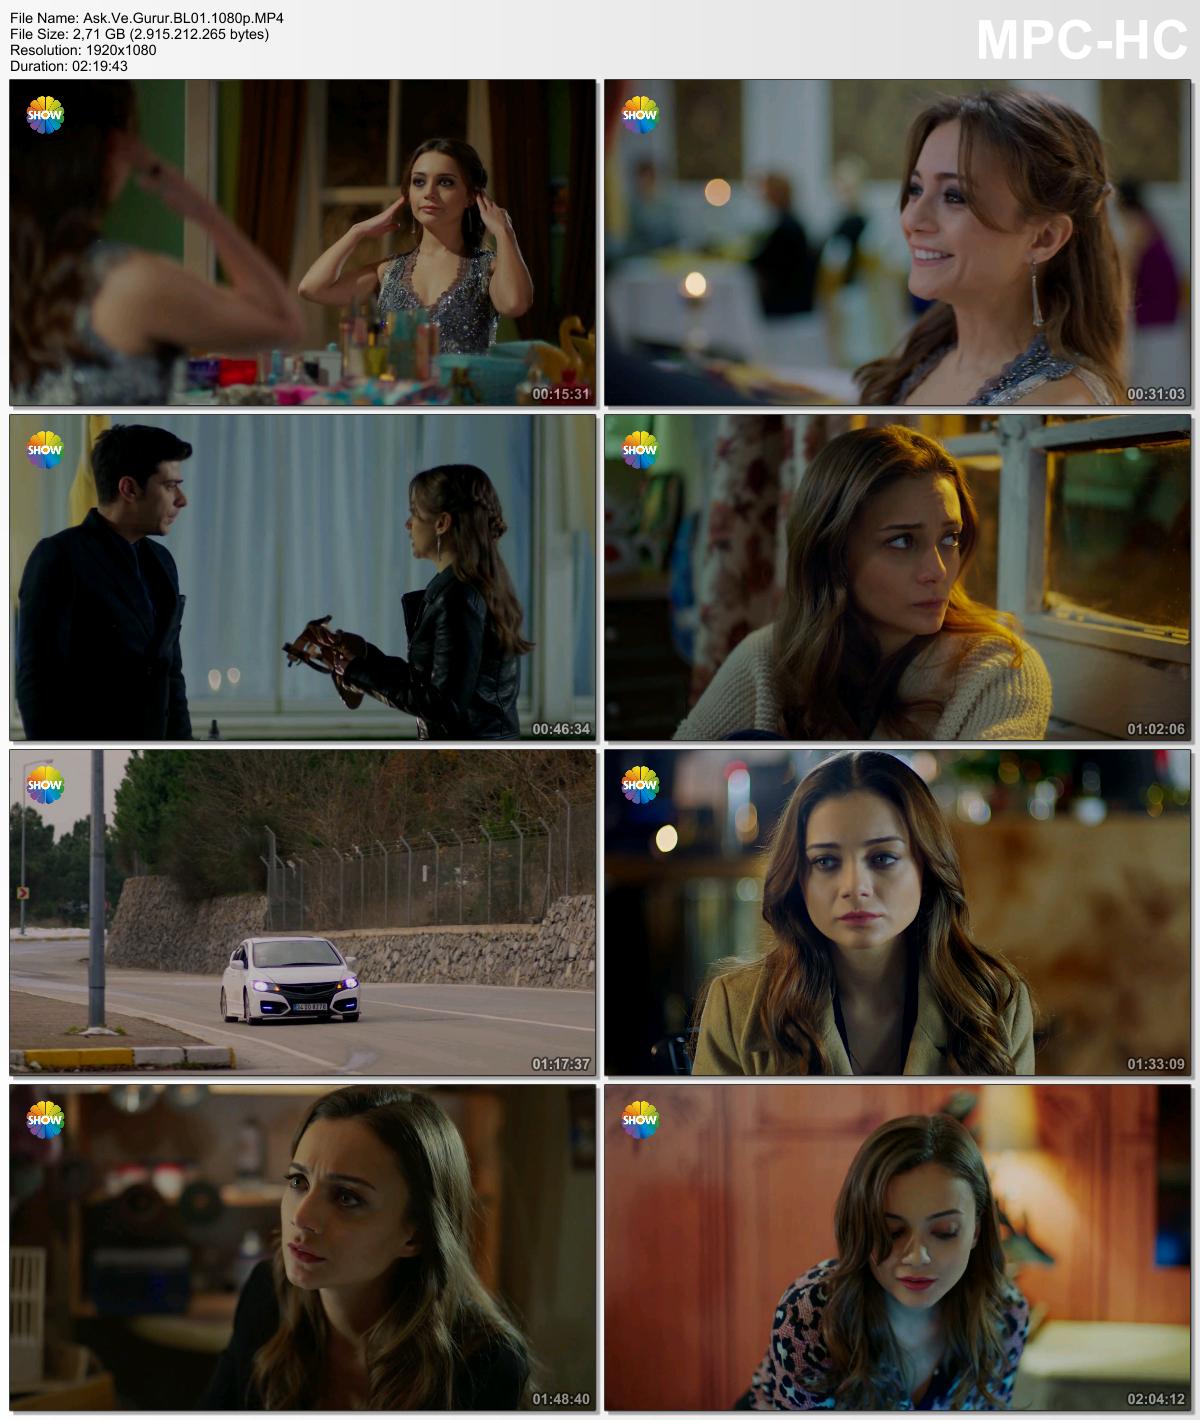 Aşk ve Gurur 3.Bölüm (HD - x264 - 1080p) Tüm Bölümler - VKRG